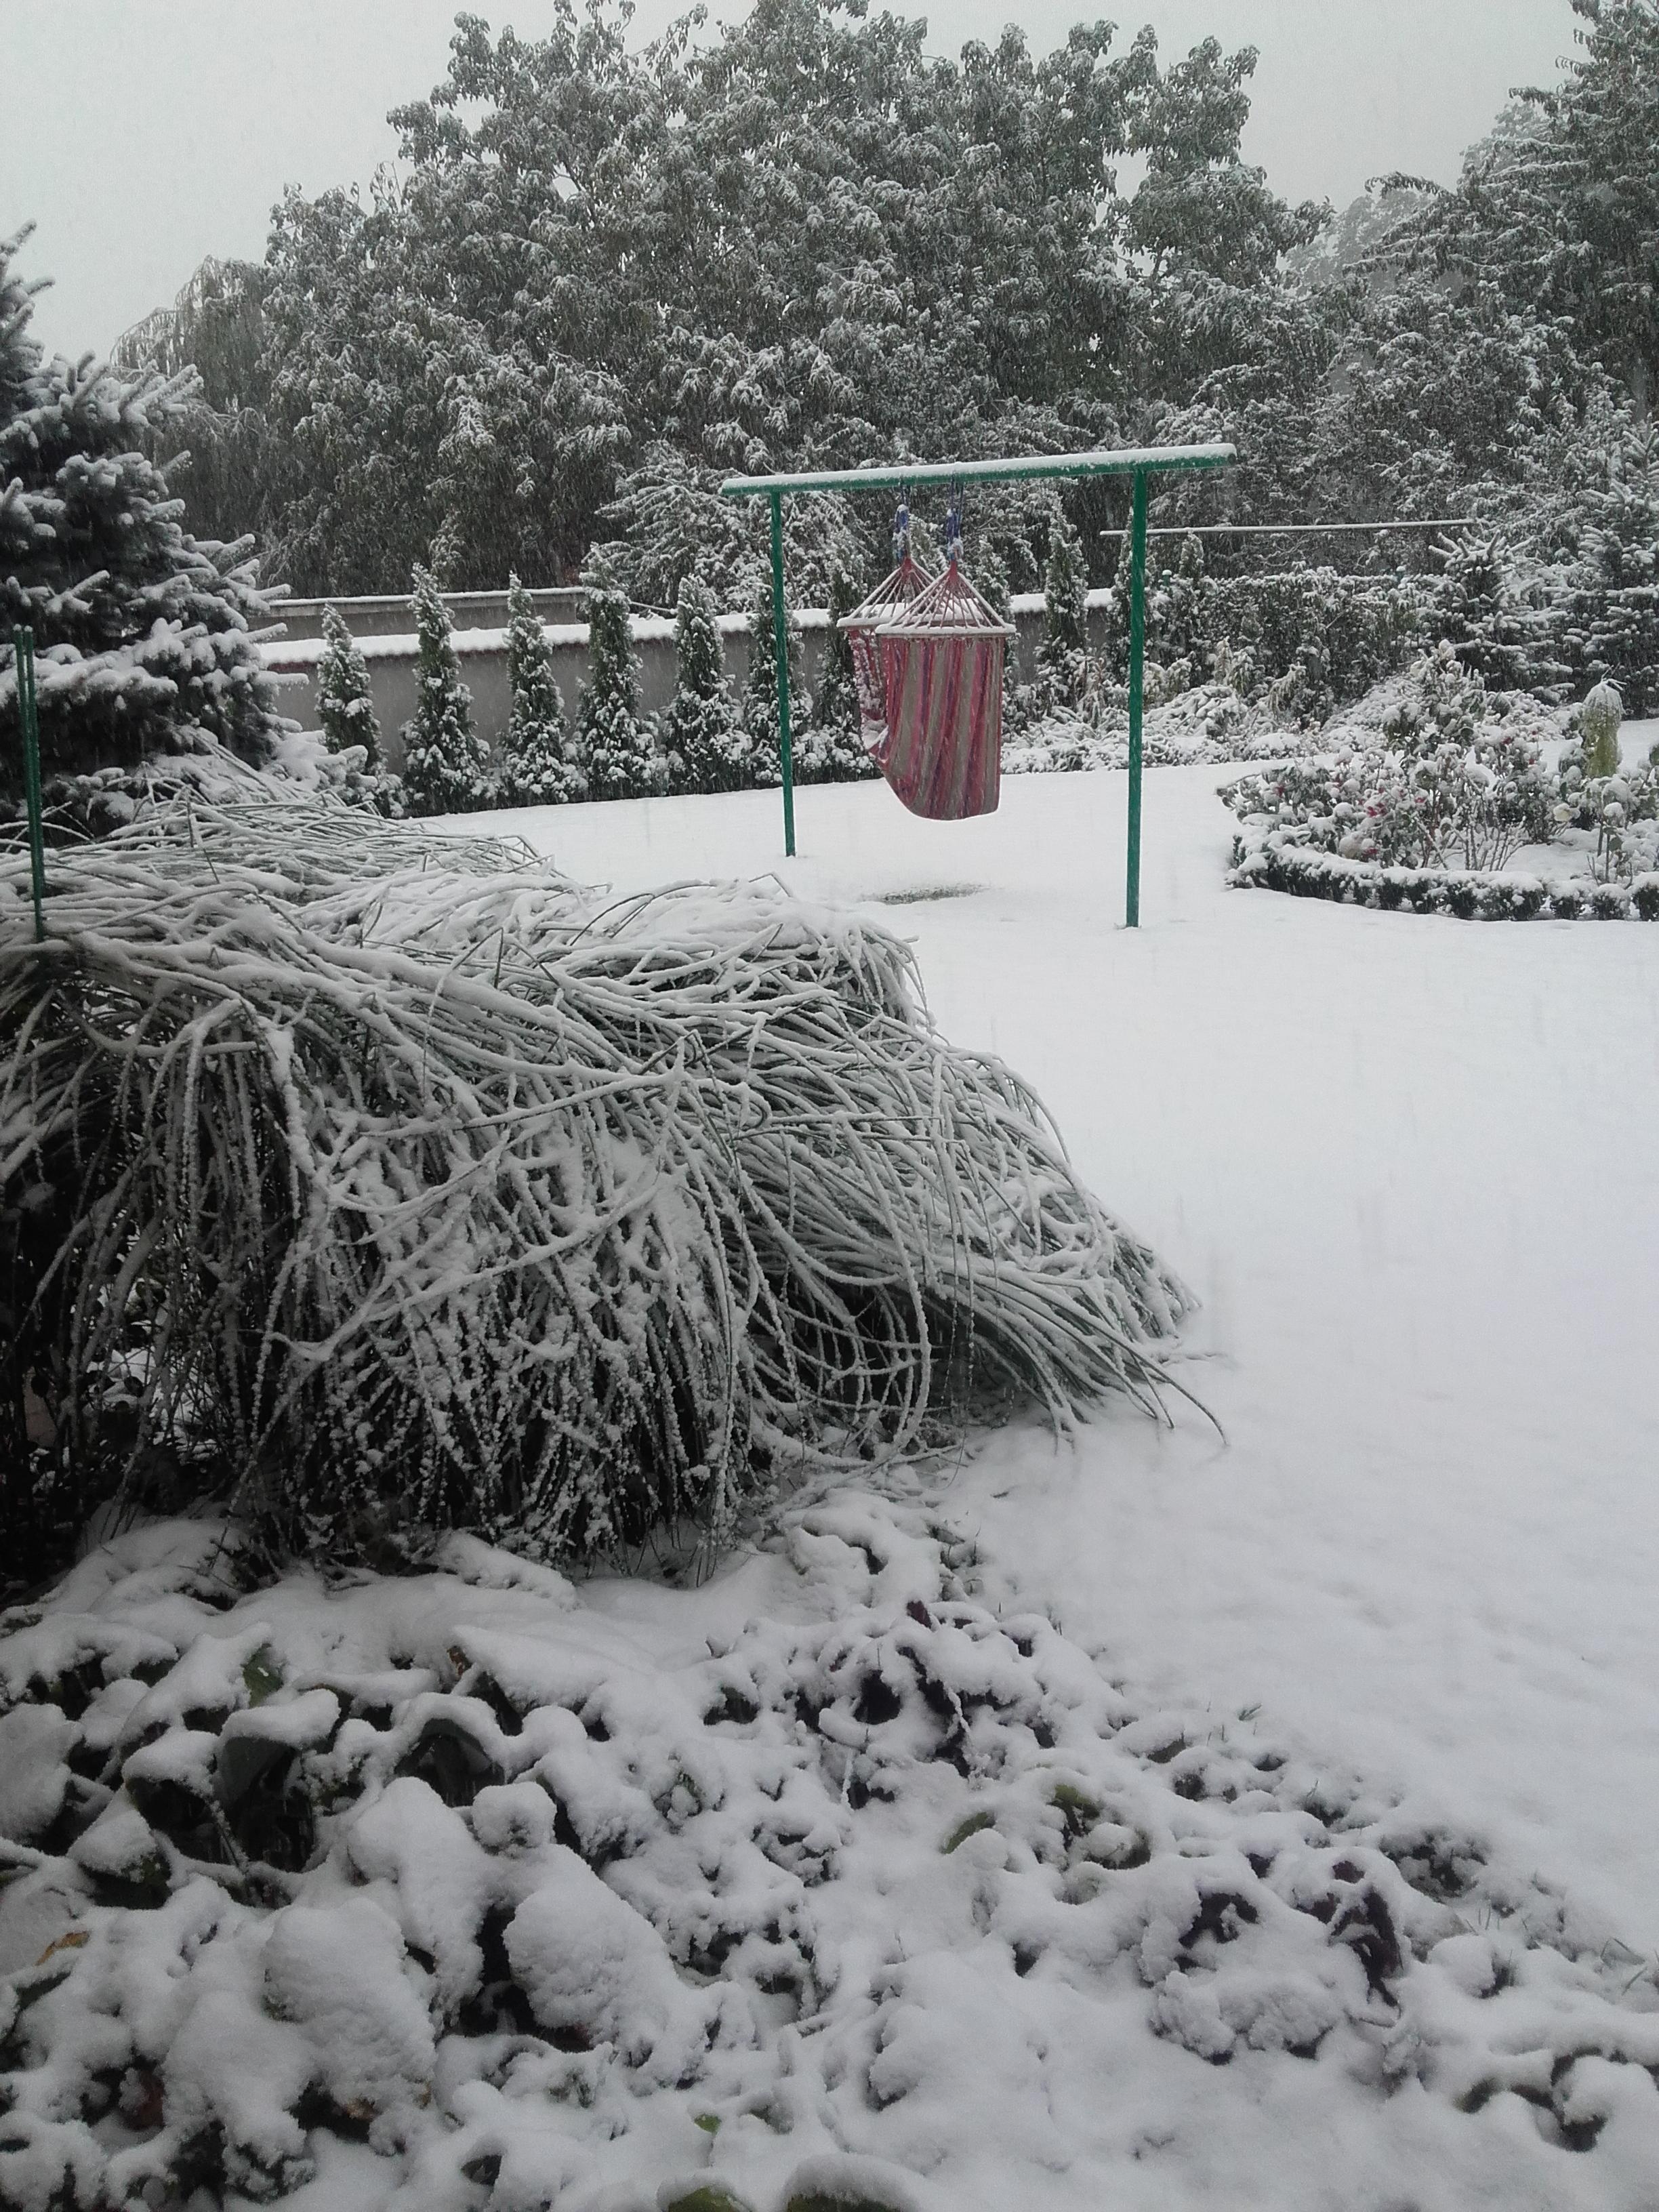 Zaskakujące, jesienne opady śniegu powaliły miskanty i zasypały hamak